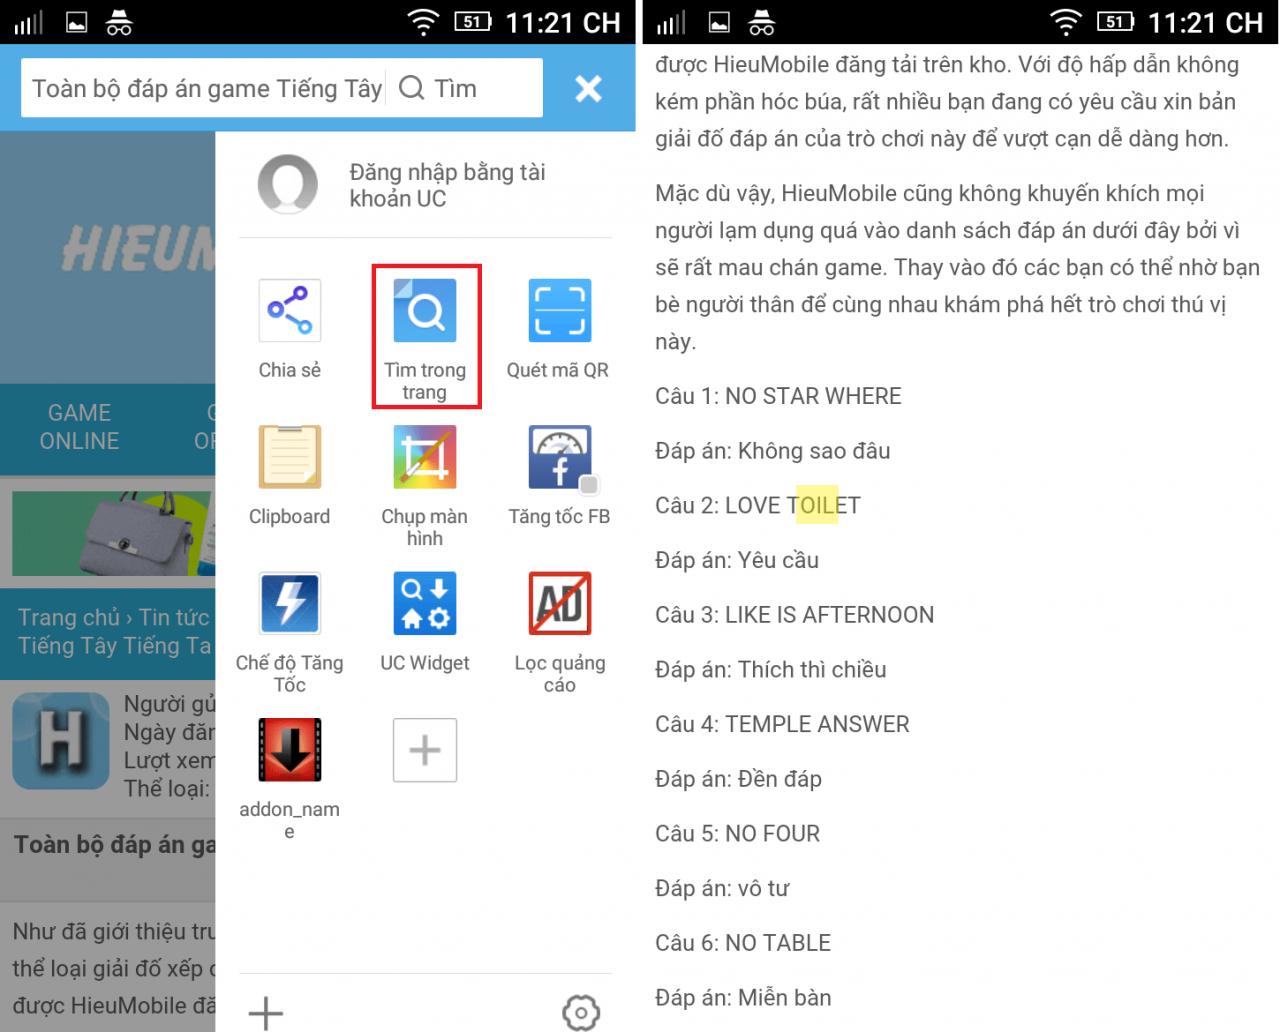 Hình ảnh ZSvPyLl của Cách tìm nhanh một từ ngữ hoặc đoạn văn bản trong một trang web tại HieuMobile